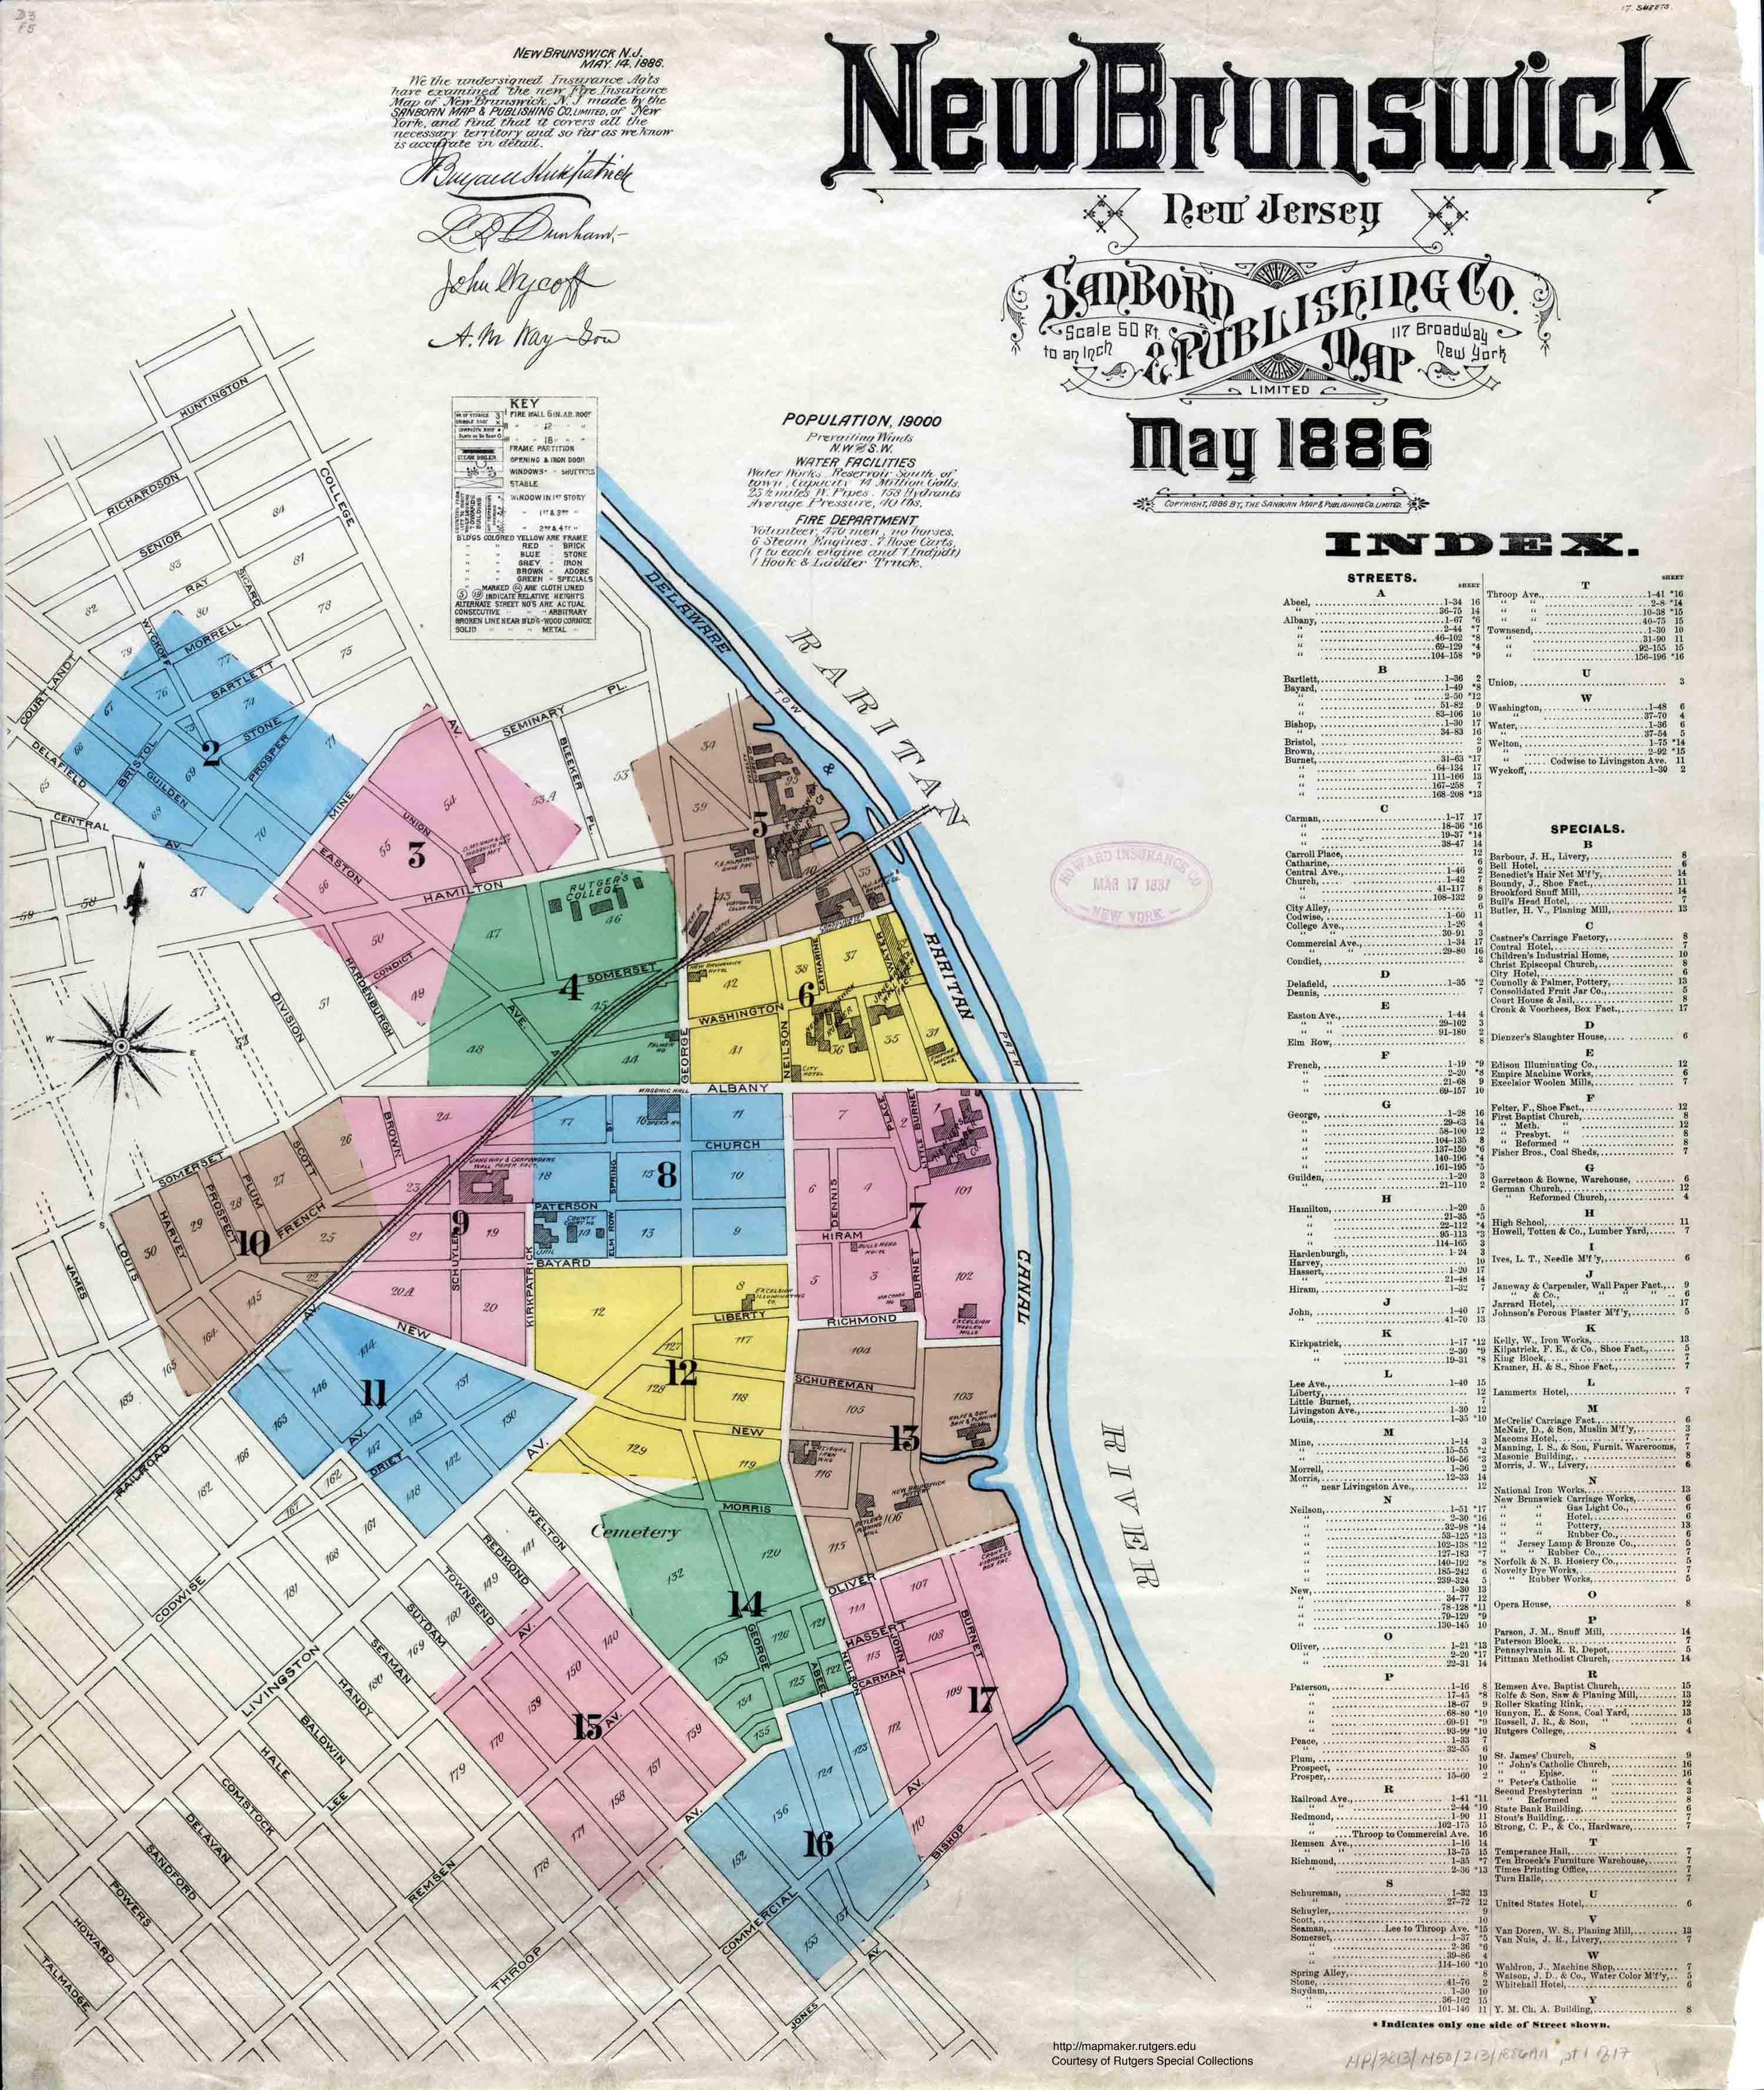 New Brunswick New Jersey Sanborn Maps